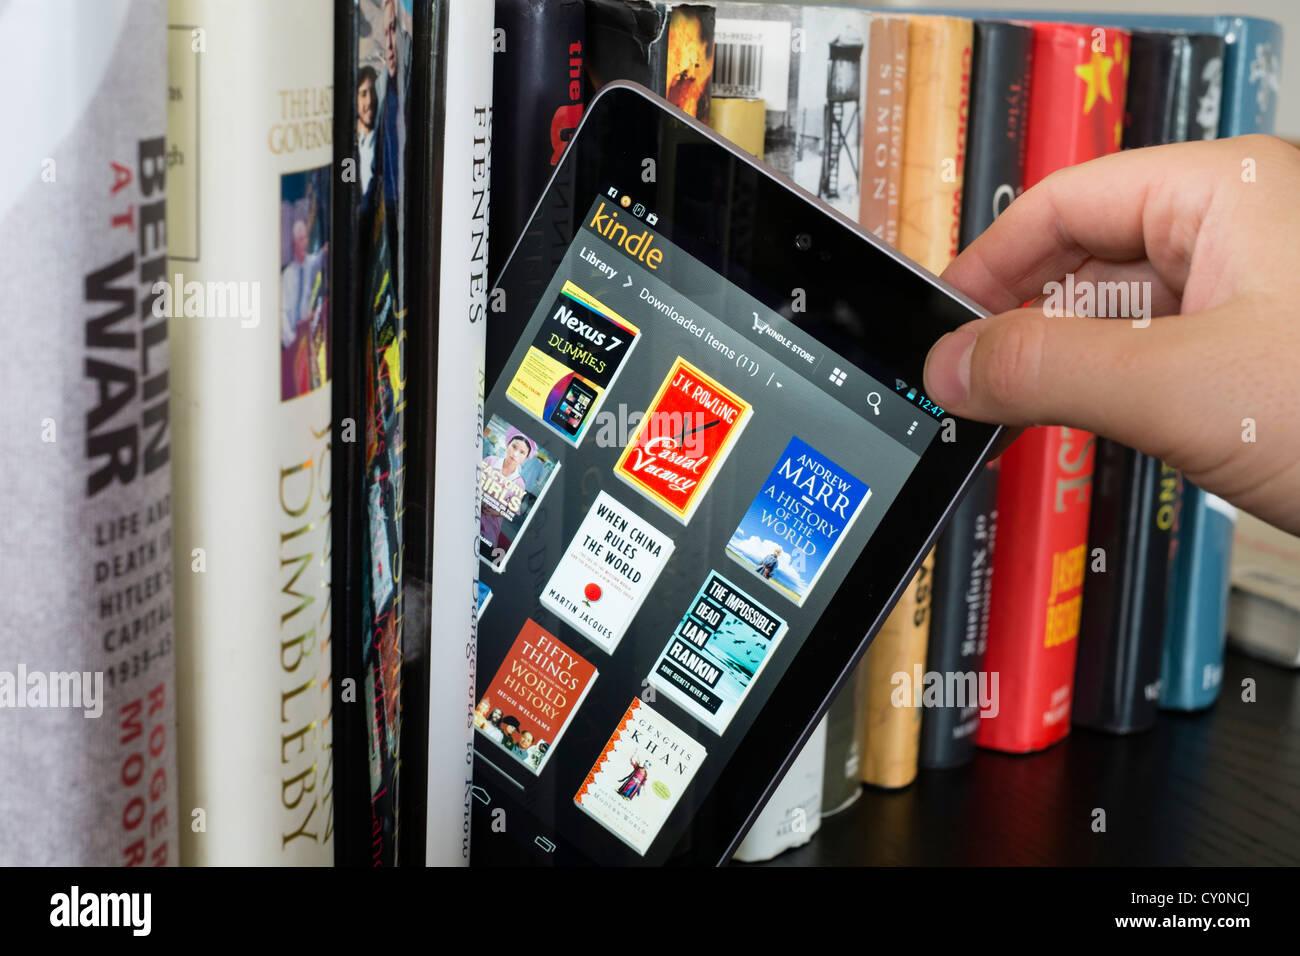 google-nexus-7-tablet-computer-with-kind